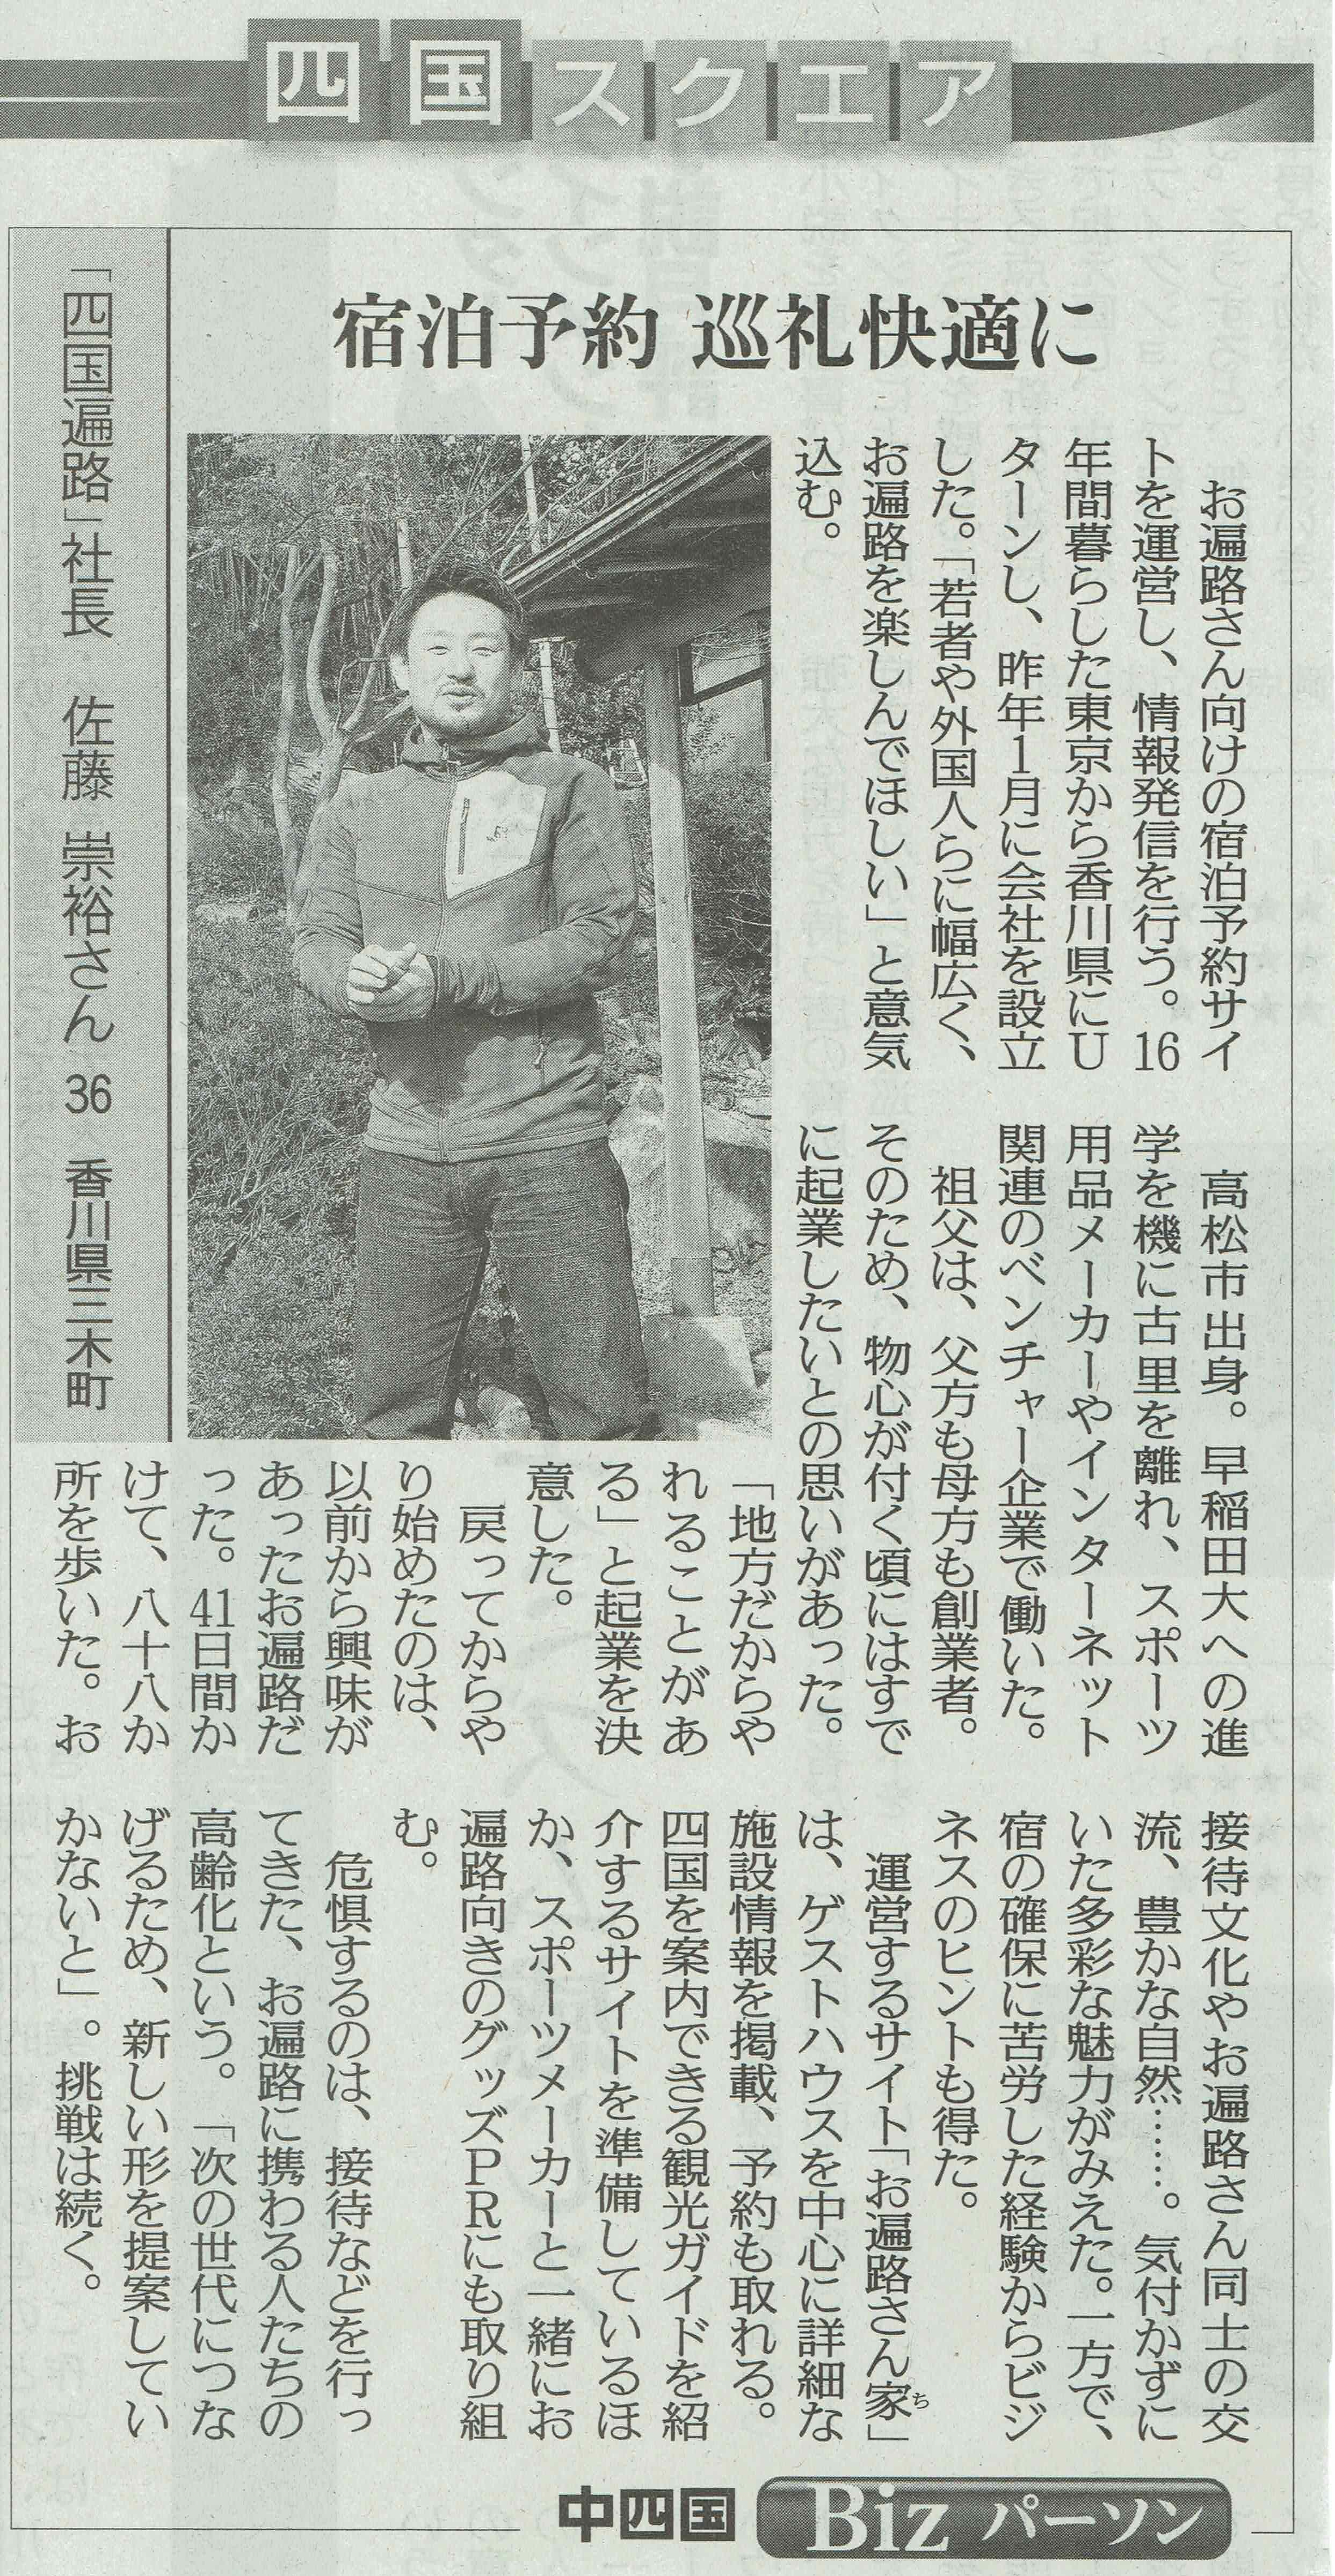 読売新聞中四国Bizパーソン_2017年1月10日